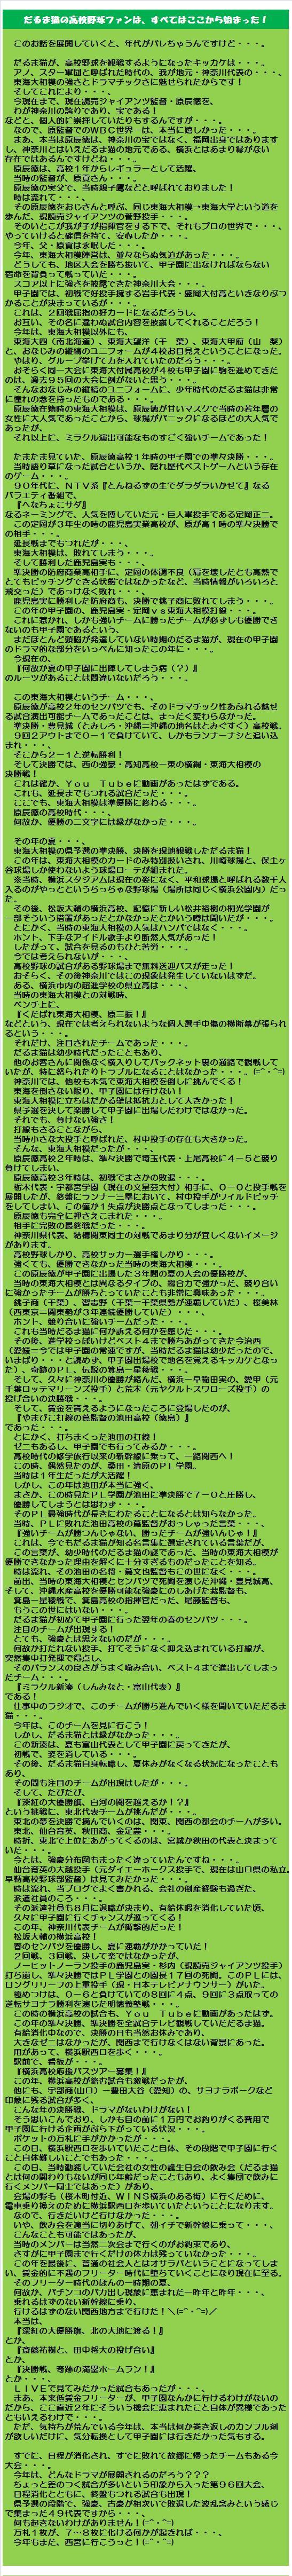 20140813・ブログ記事②.jpg